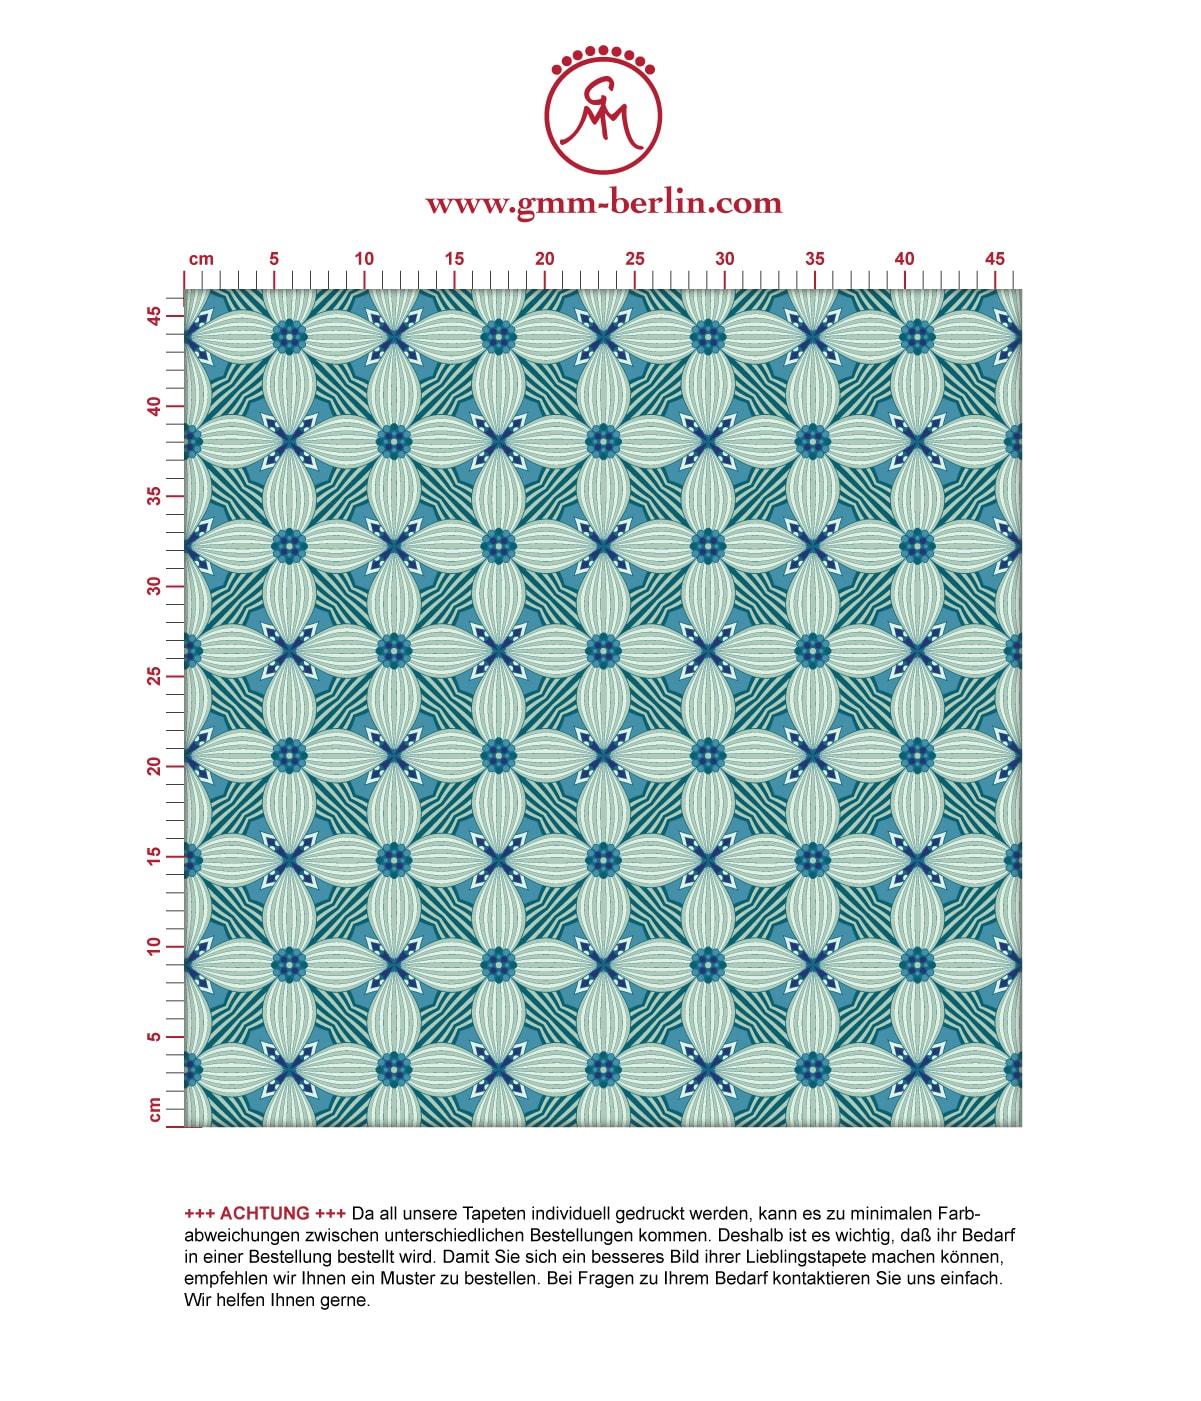 Retro Ornamenttapete Art Deko Lilly in blau - Design Tapete für Schlafzimmer. Aus dem GMM-BERLIN.com Sortiment: Schöne Tapeten in der Farbe: grün blau